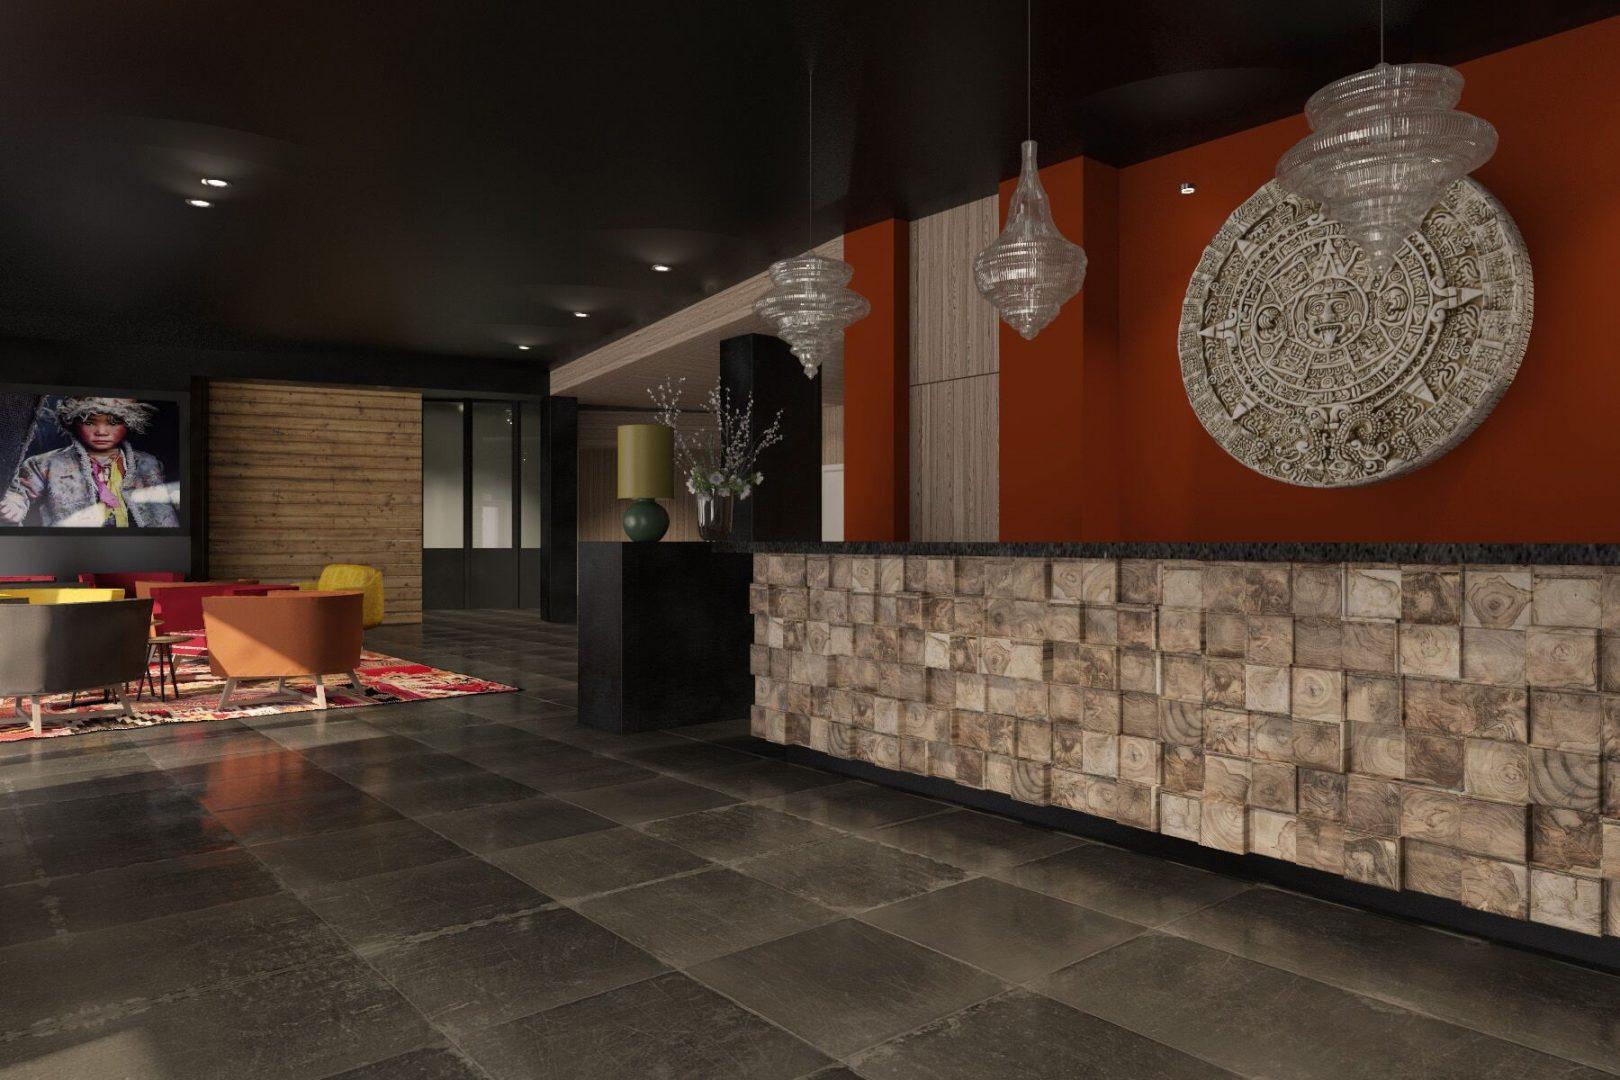 Va invitam sa descoperiti noul hotel de lux Hotel Daria-I Nor*****, in Alpe d'Huez!